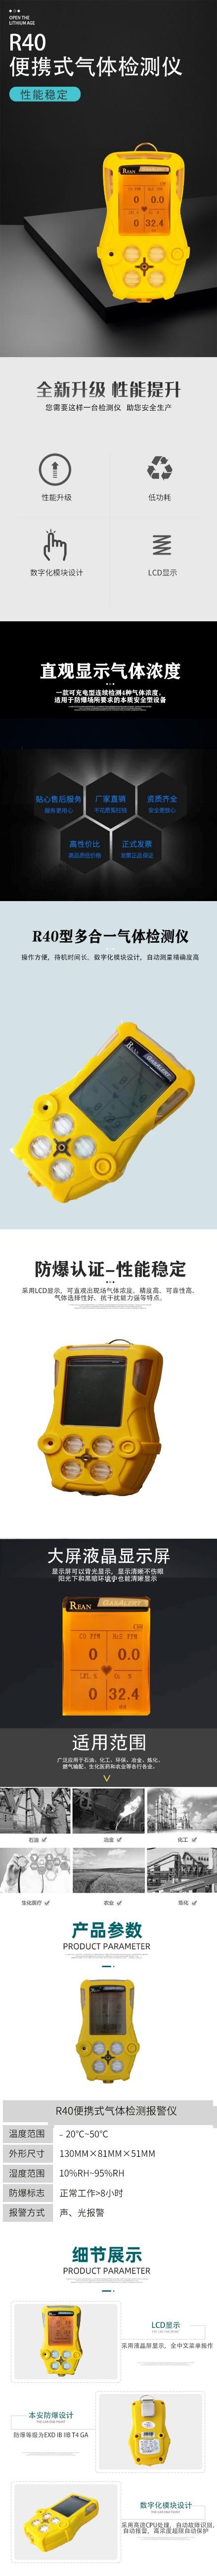 便携式气体检测仪(3).jpg